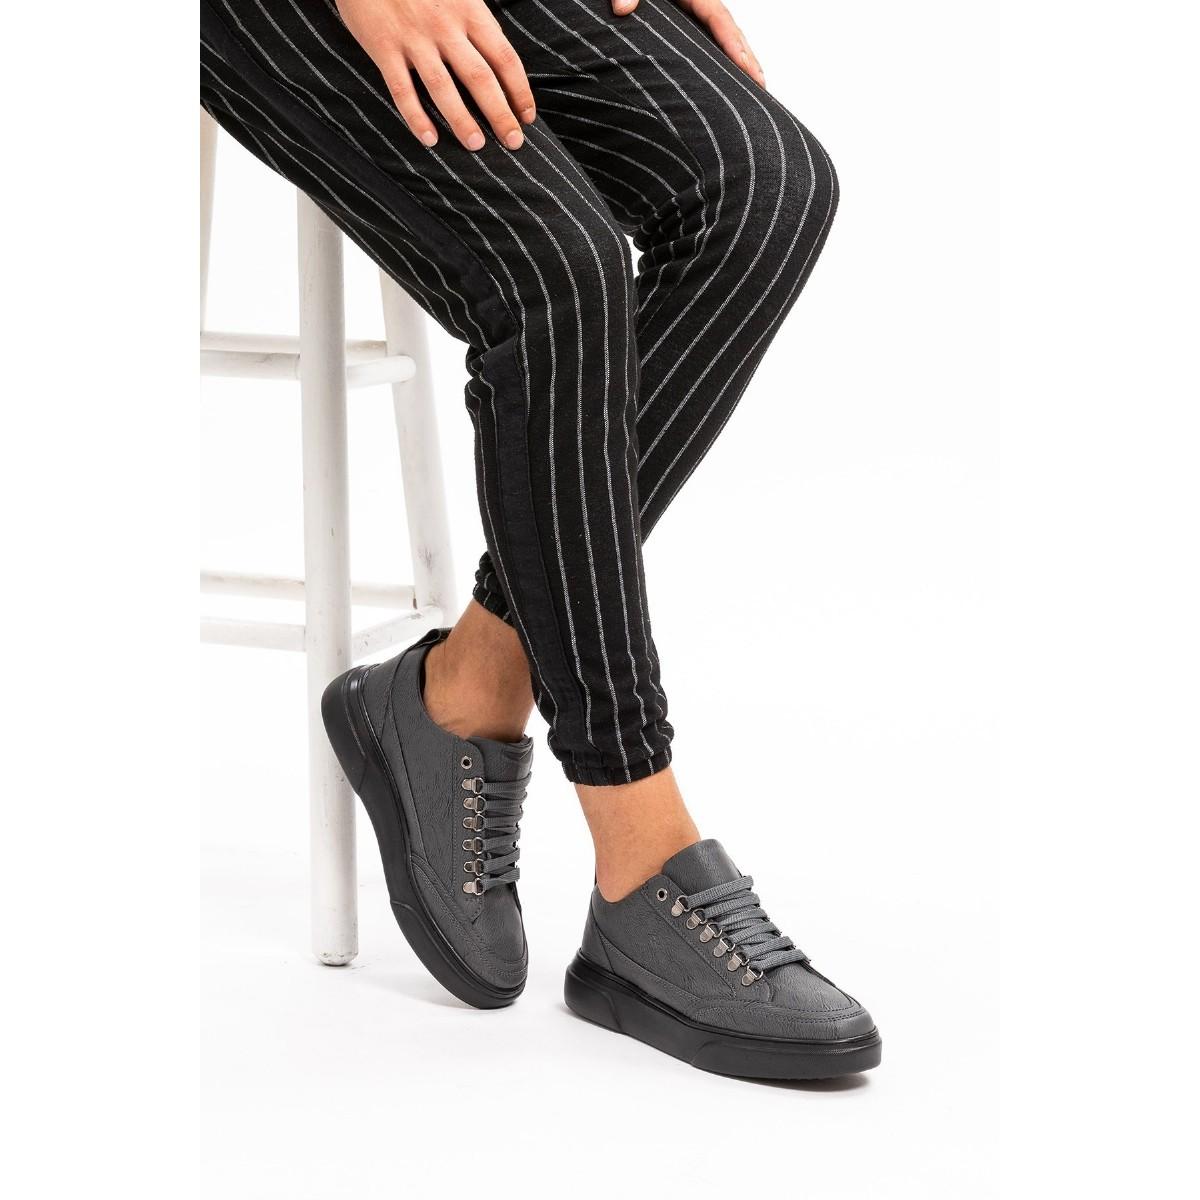 L.A. Polo 104 Füme Renk Siyah Taban Erkek Spor Ayakkabı